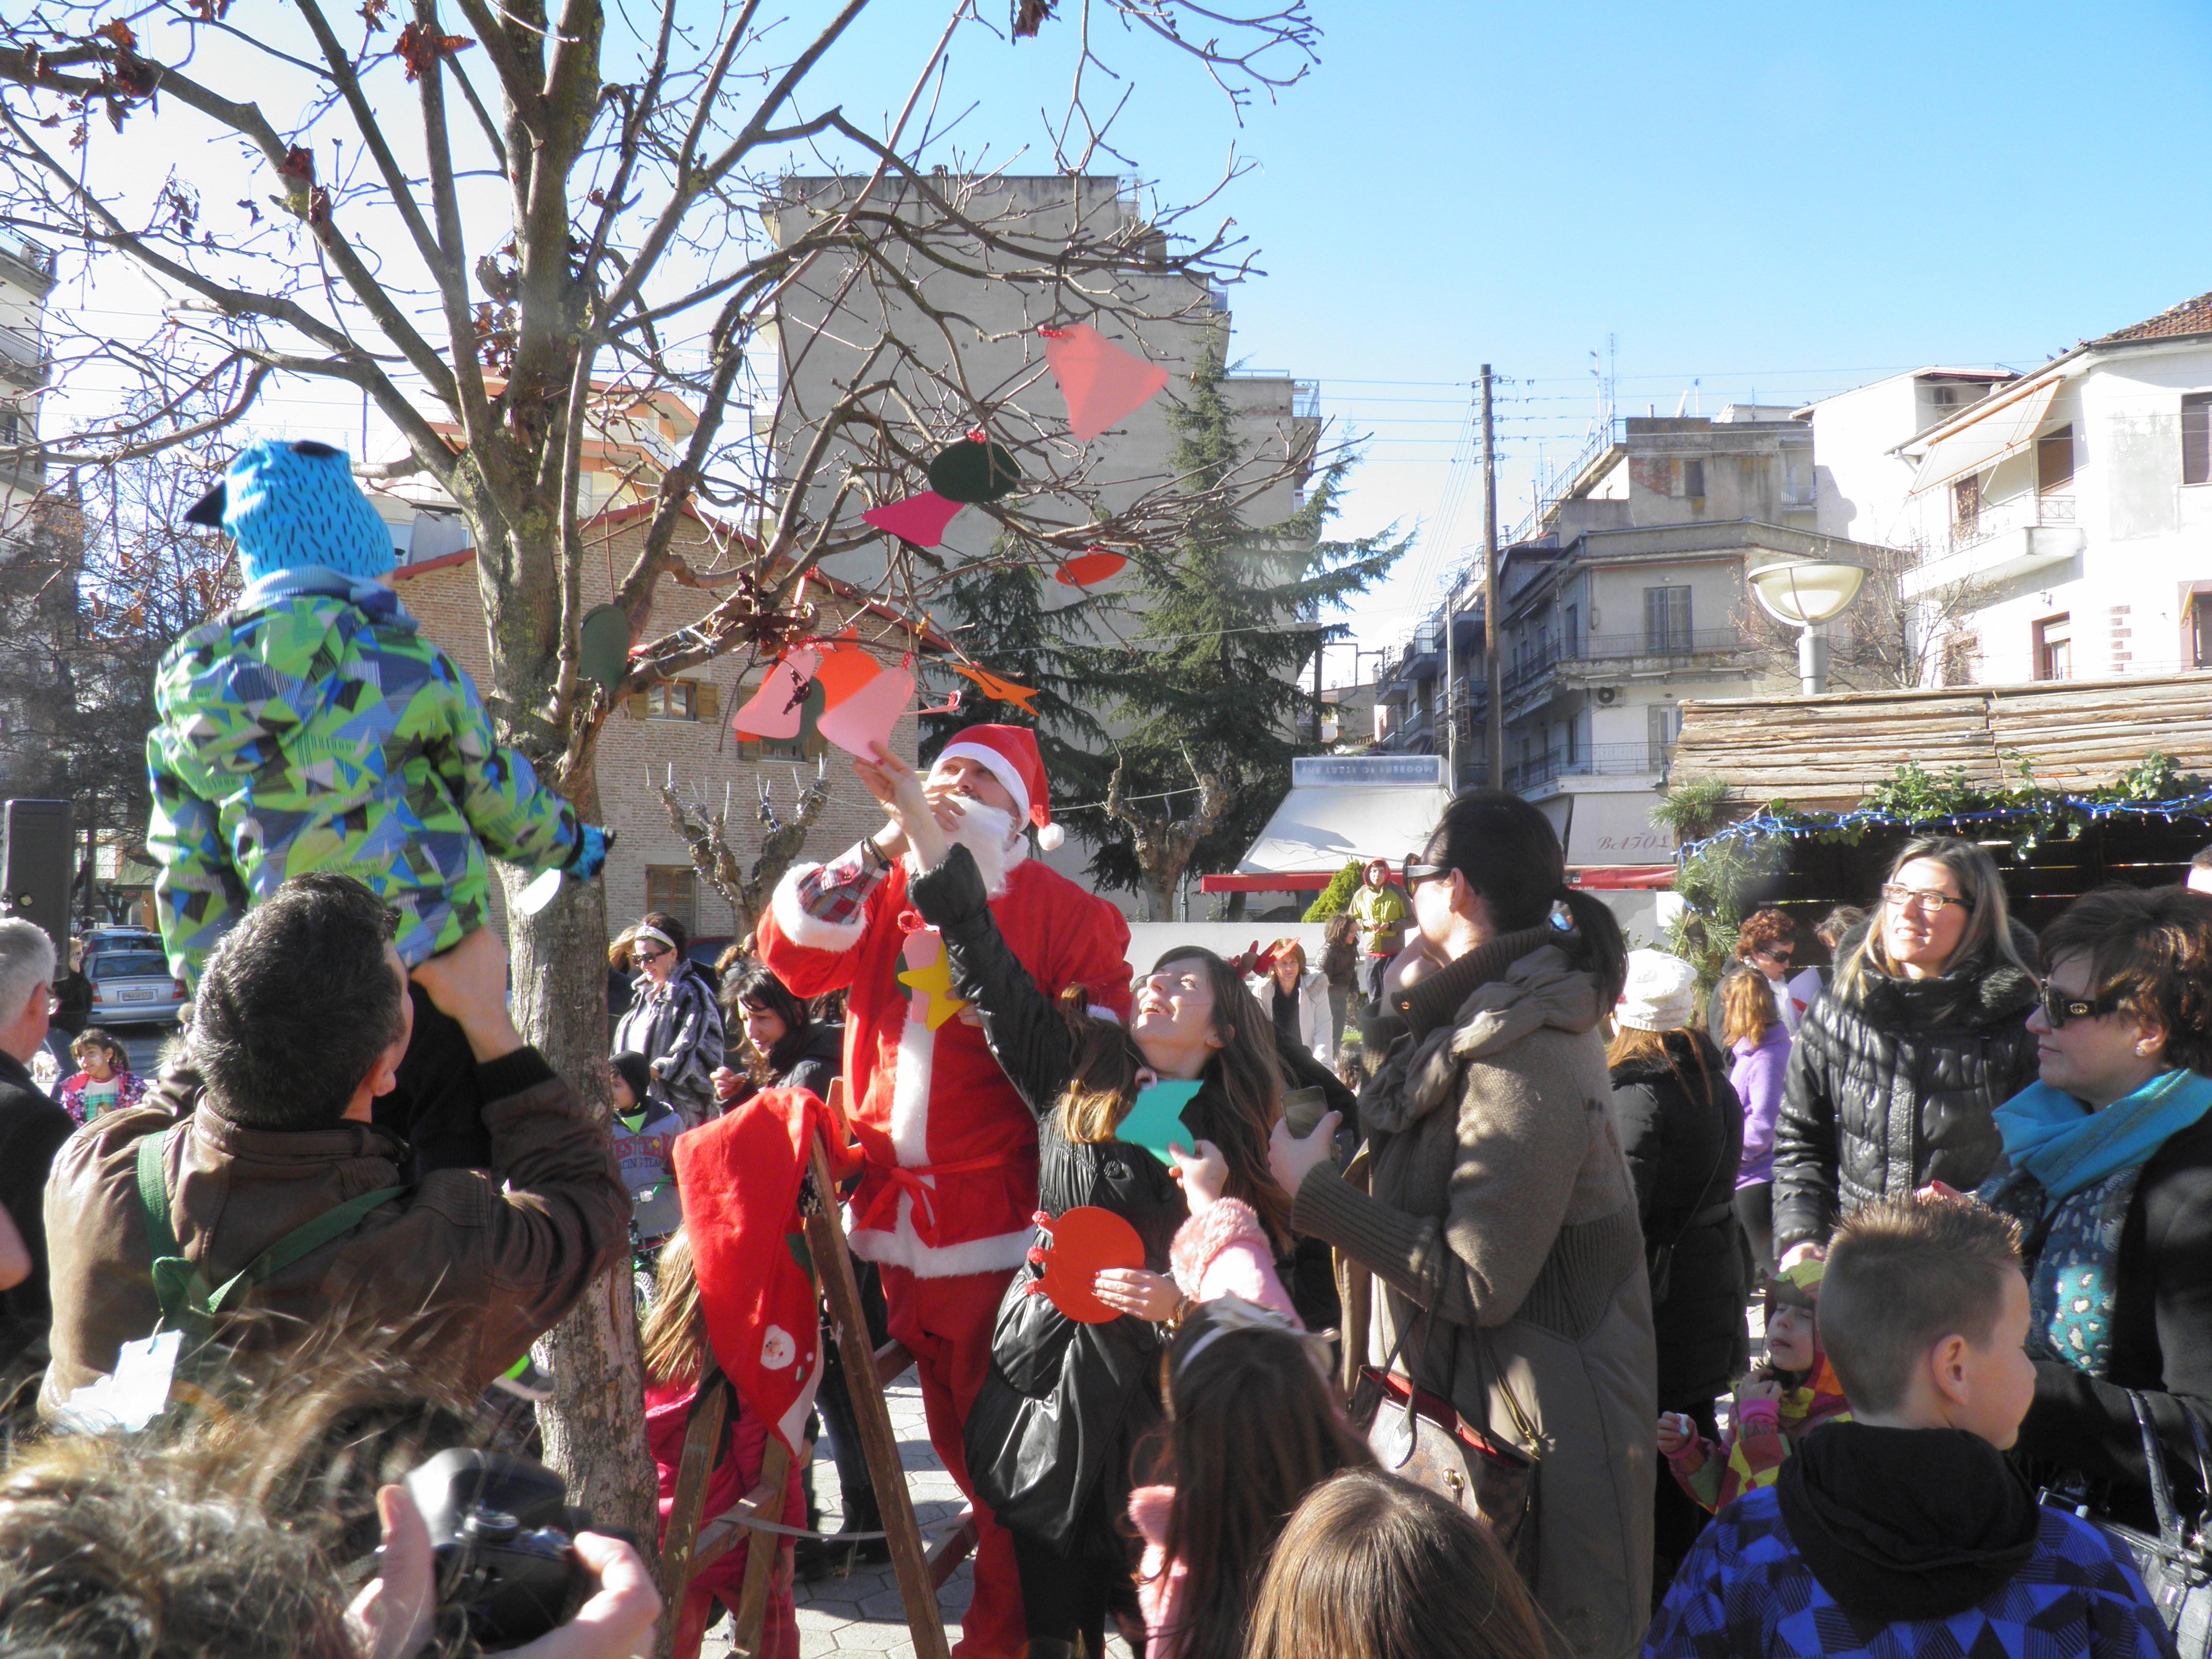 Με μεγάλη επιτυχία πραγματοποιήθηκε το Σάββατο 27 Δεκεμβρίου 2014 η εκδήλωση του Δήμου «Χριστούγεννα στην πόλη» με πρωταγωνιστές τα μικρά παιδιά (φωτογραφίες)